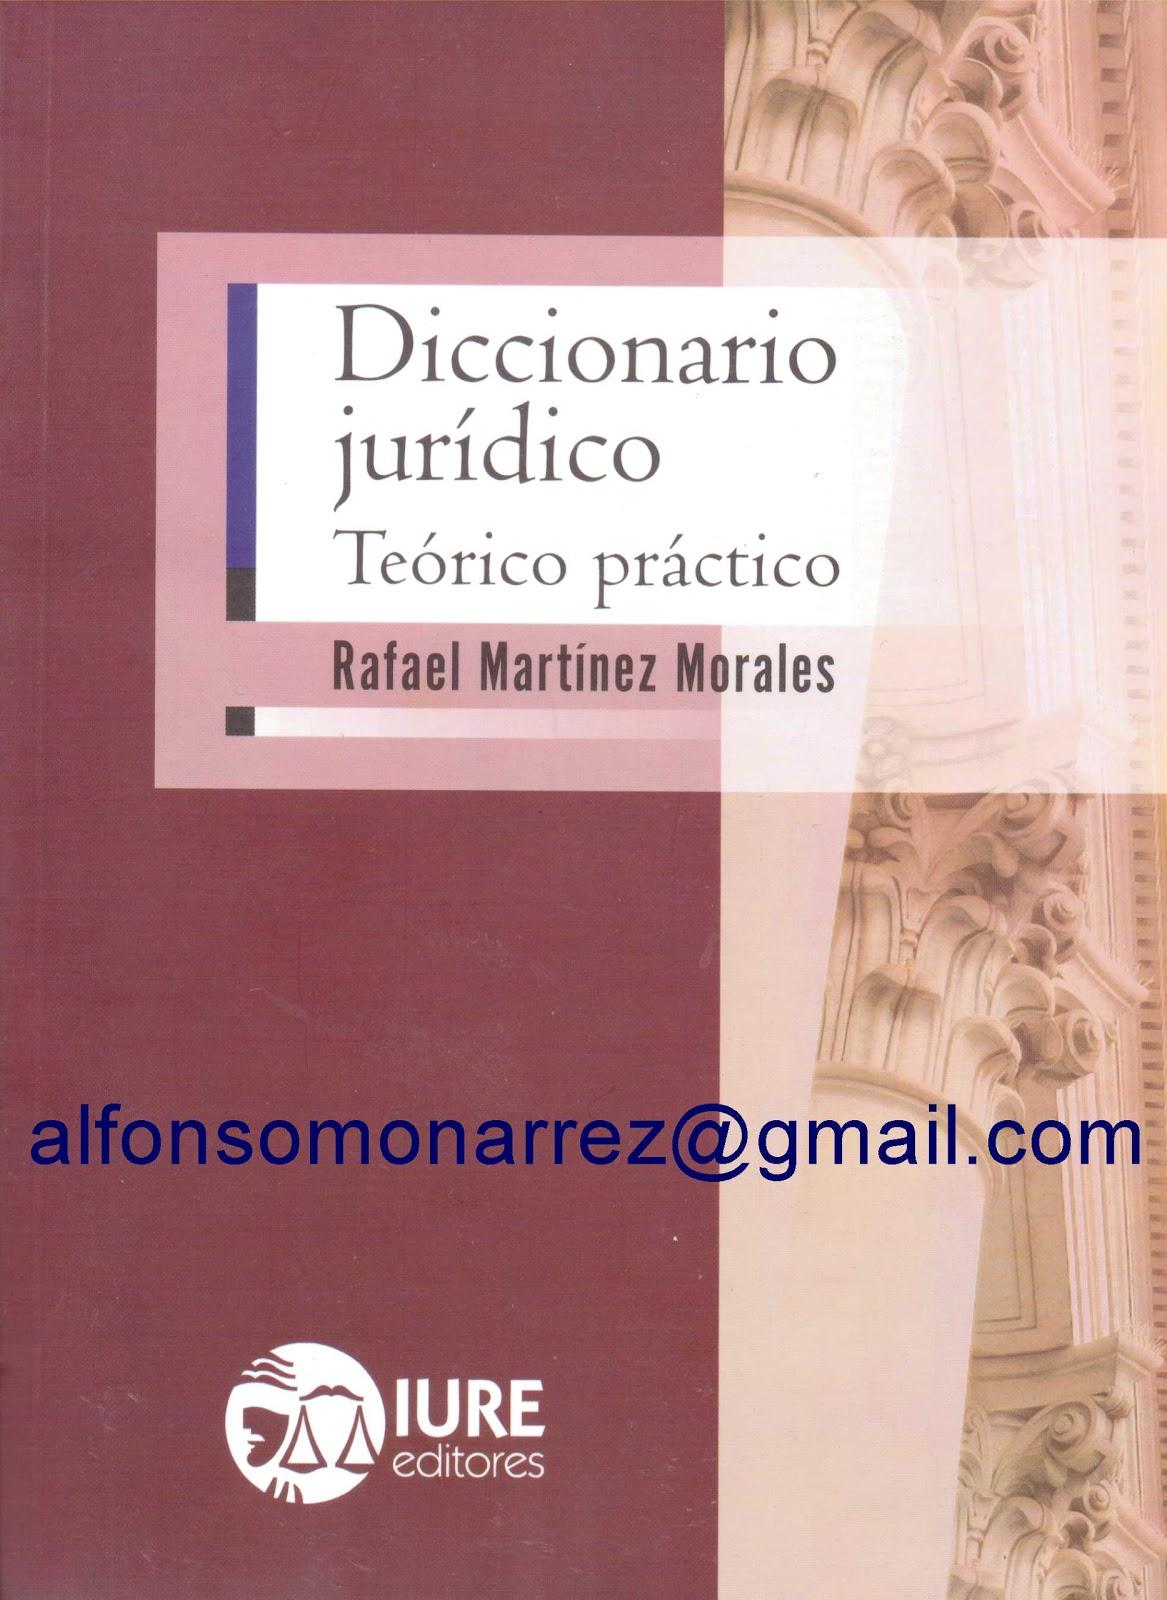 Diccionario juridico te rico pr ctico 1 libro